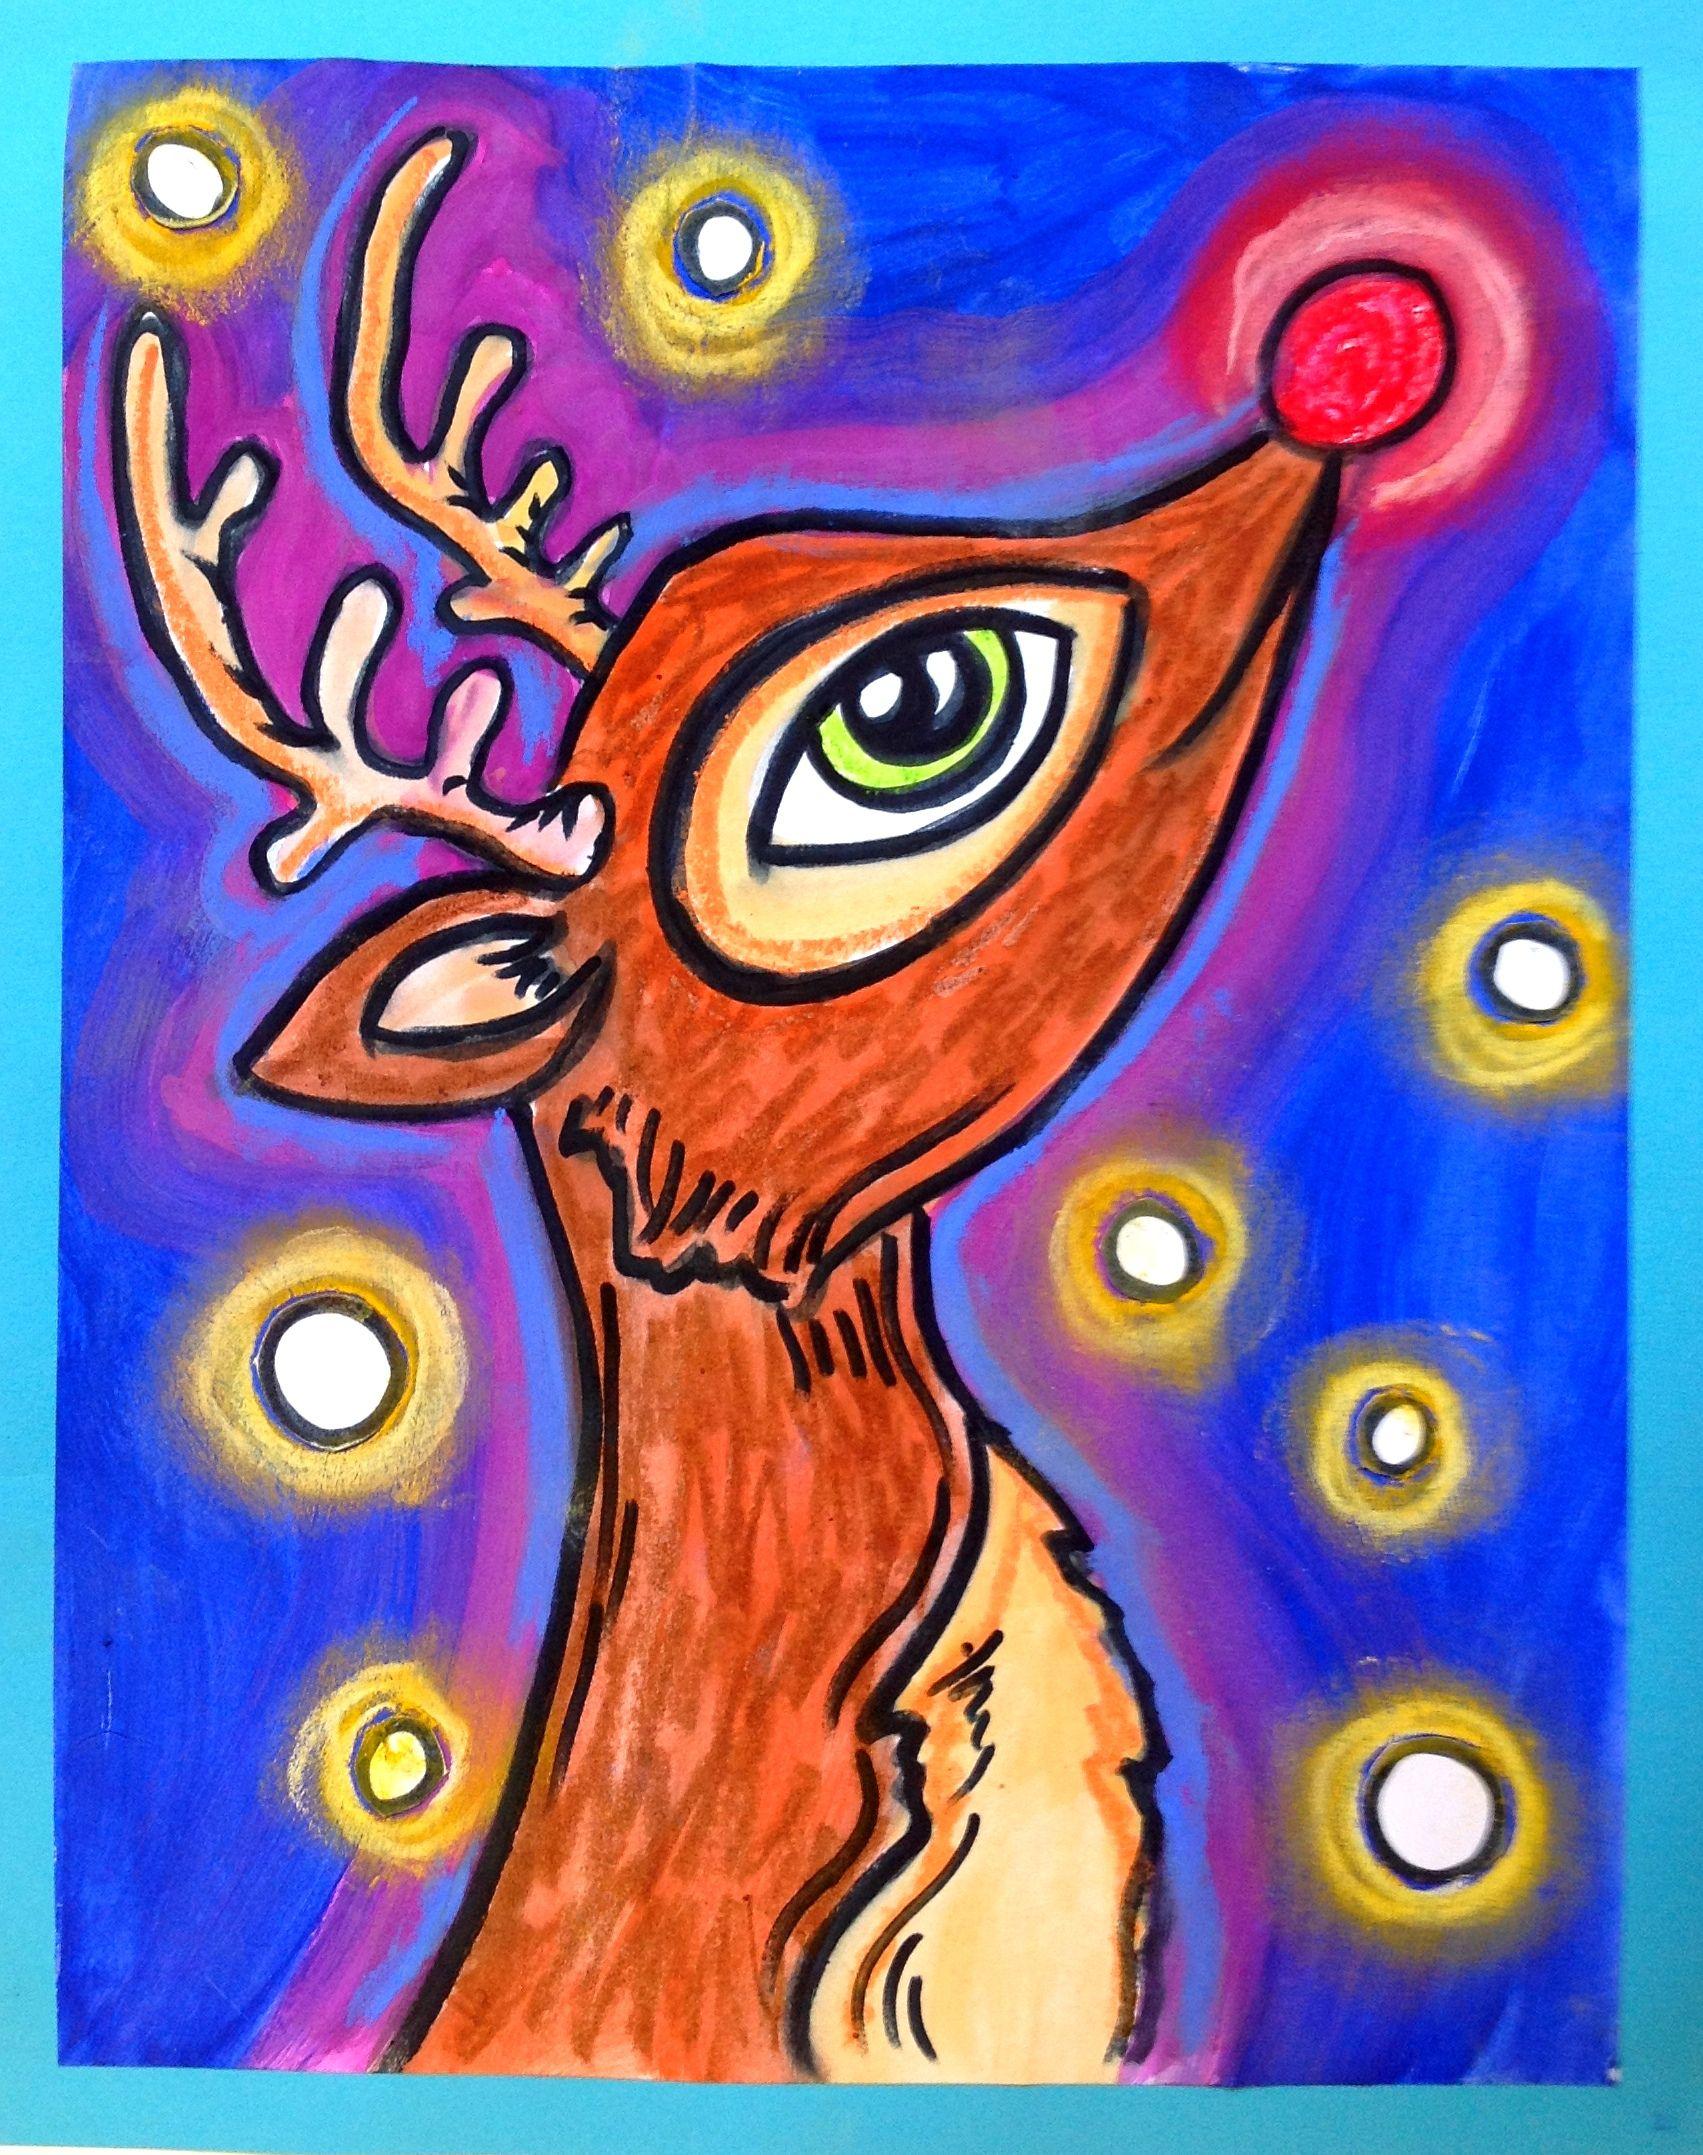 Renne au nez rouge arts plastiques hiver winter - Dessin de renne au nez rouge ...